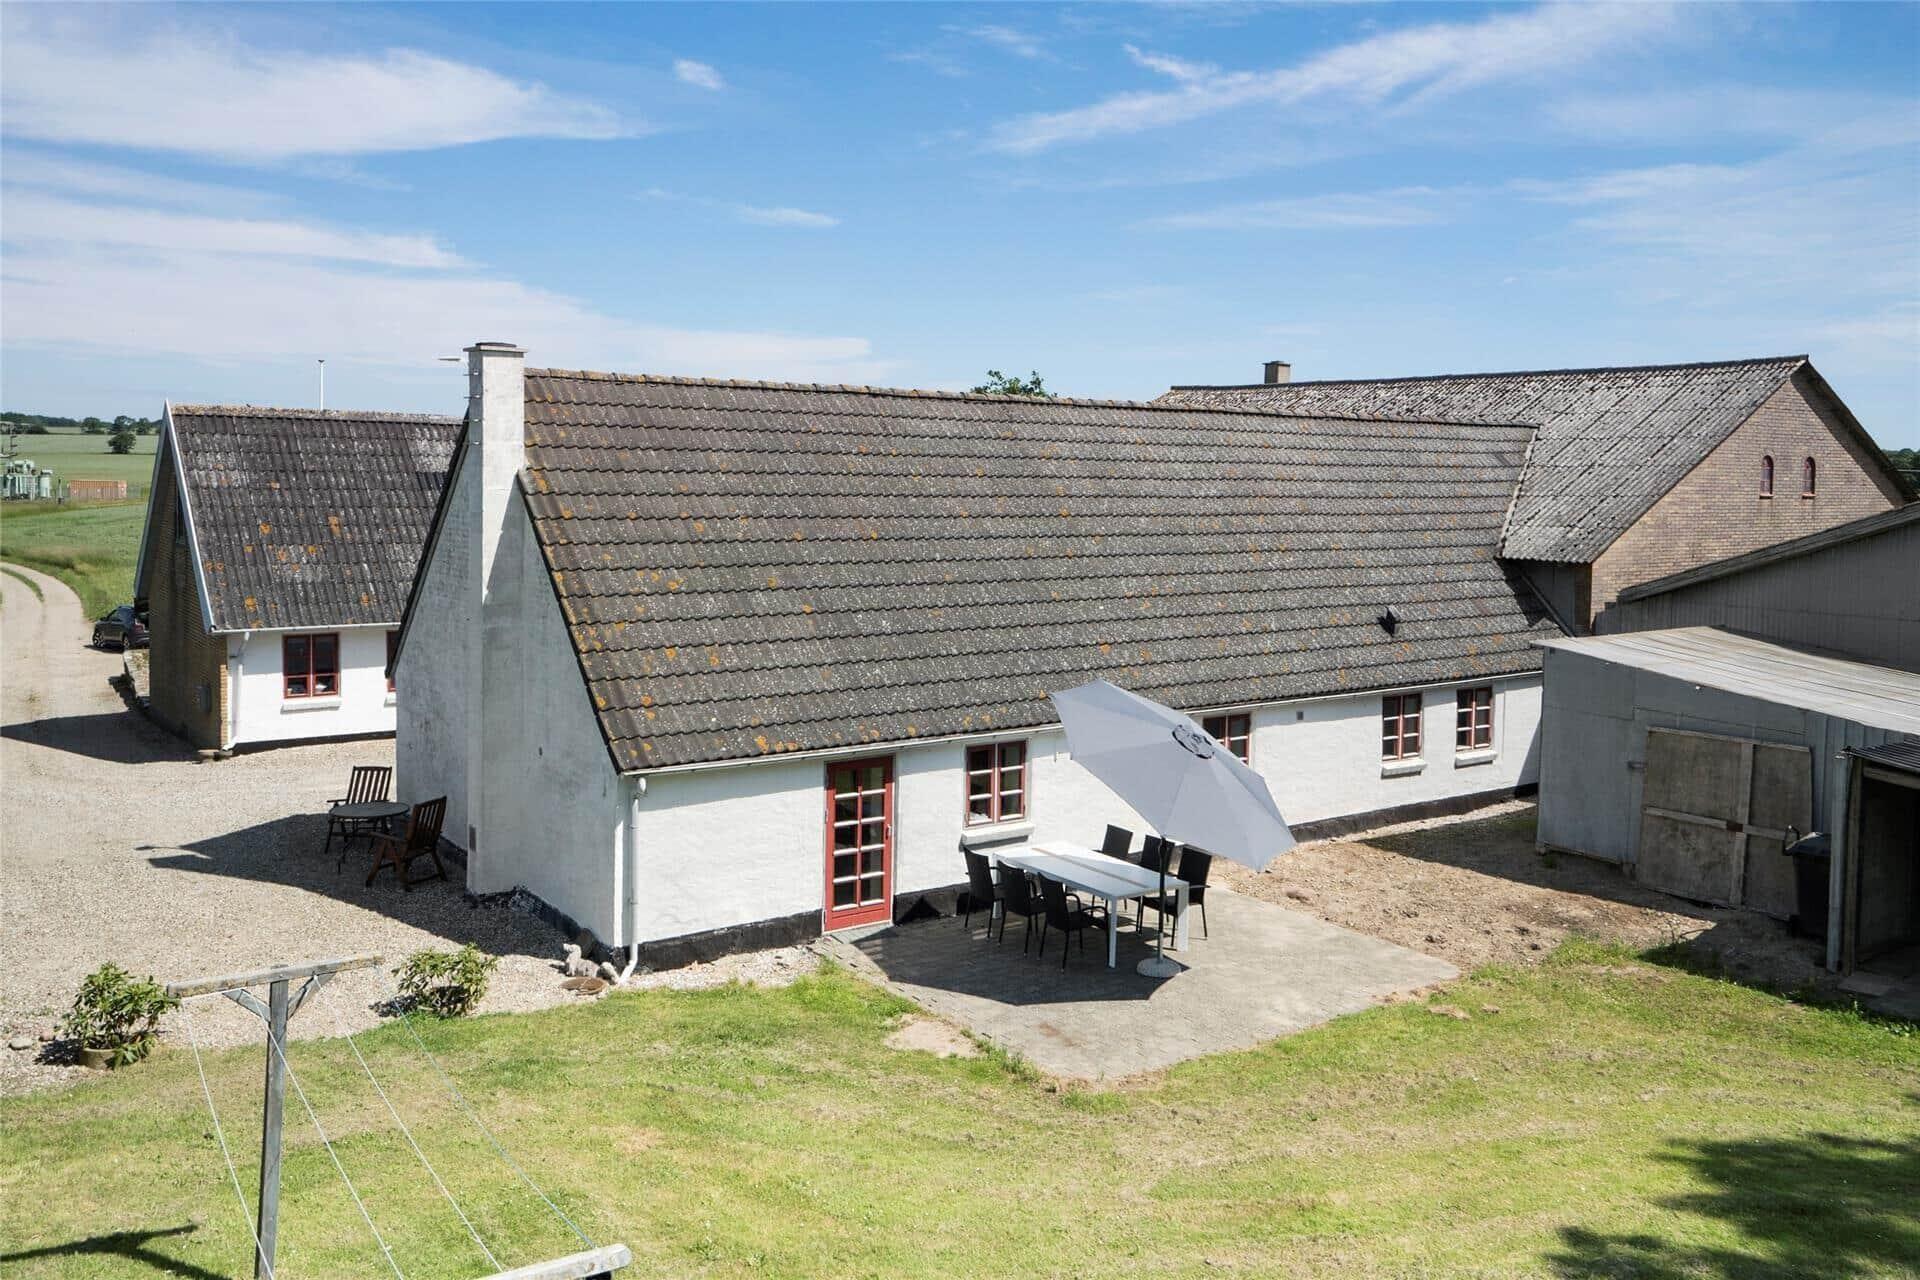 Billede 1-3 Sommerhus F503895, Lille Mommarksvej 43, DK - 6470 Sydals